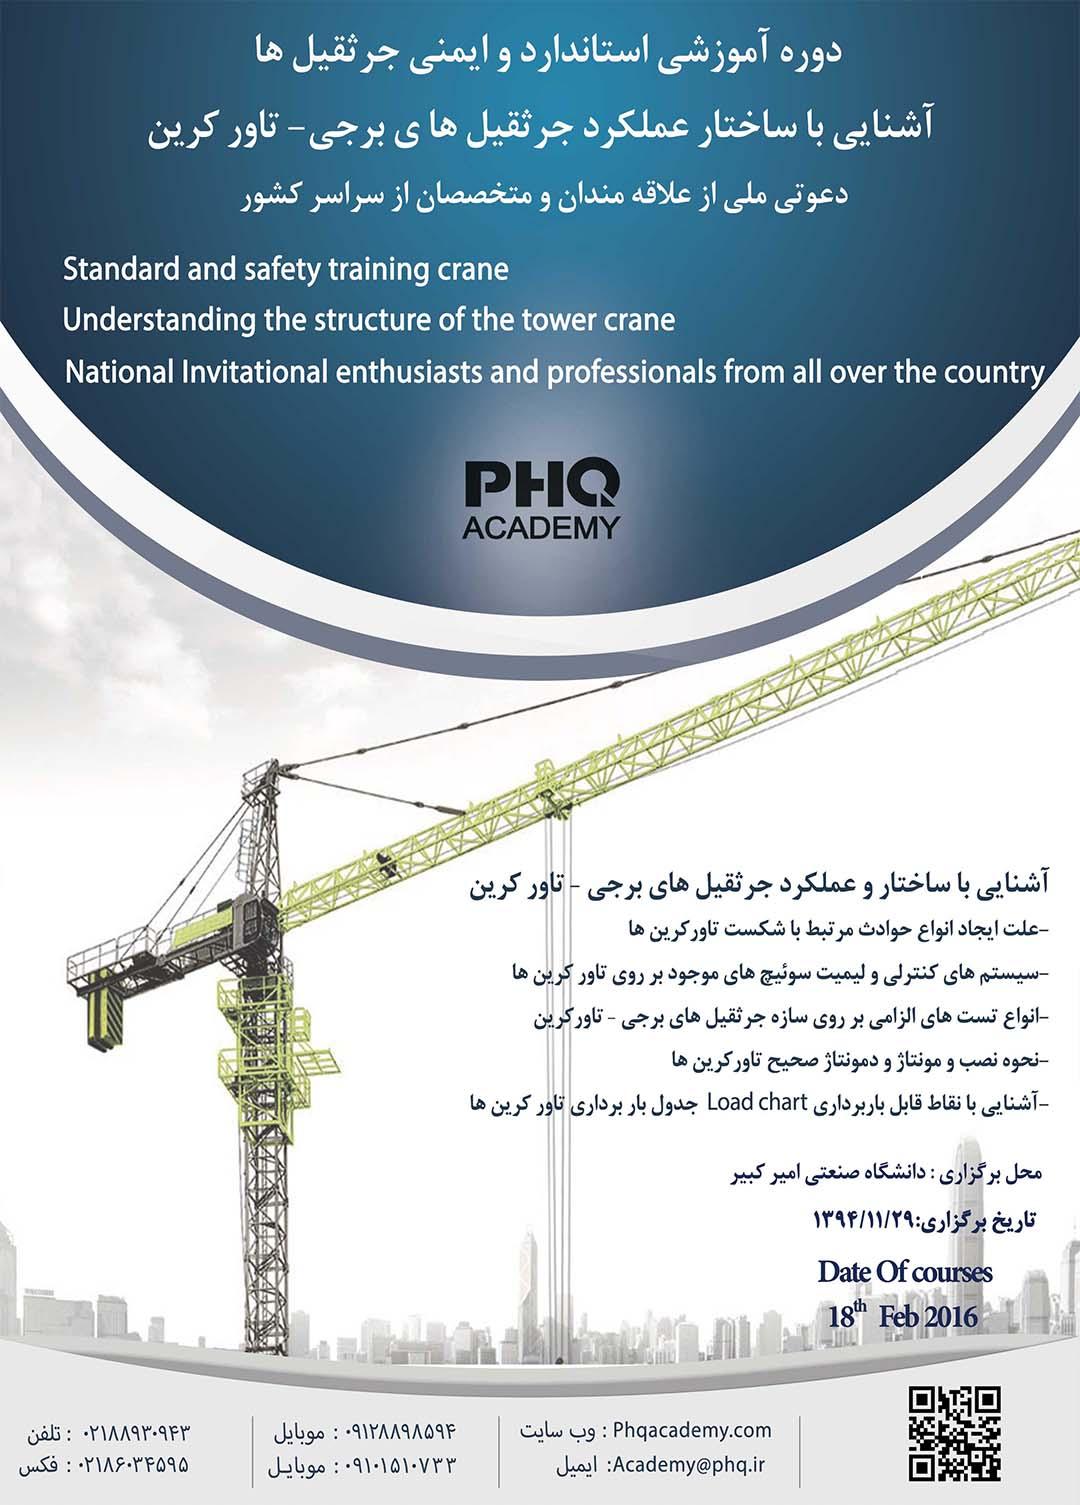 دومین همایش بین المللی HSE در پروژه های عمران، معدن، نفت، گاز و نیرو